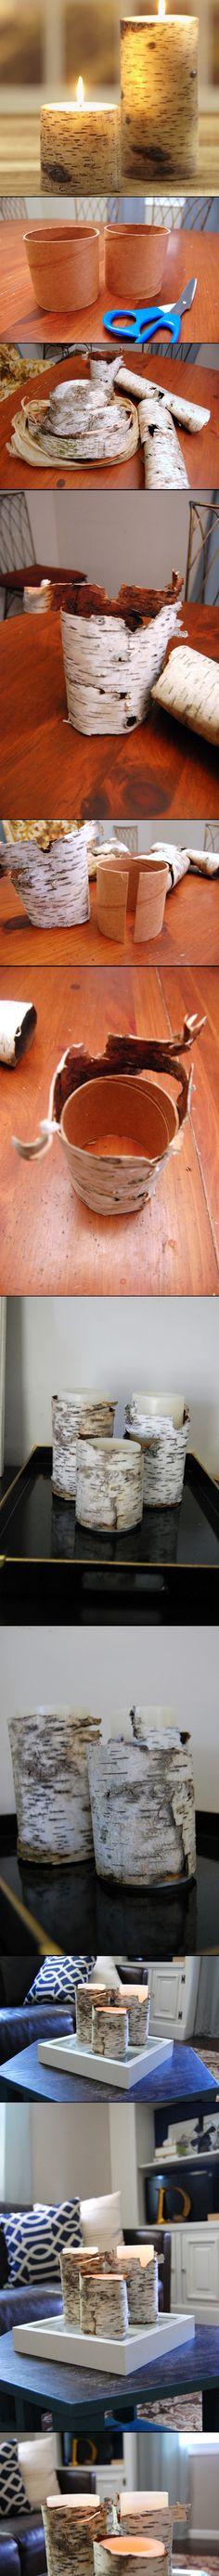 DIY Birch Bark Candles-Now to find birch bark :)